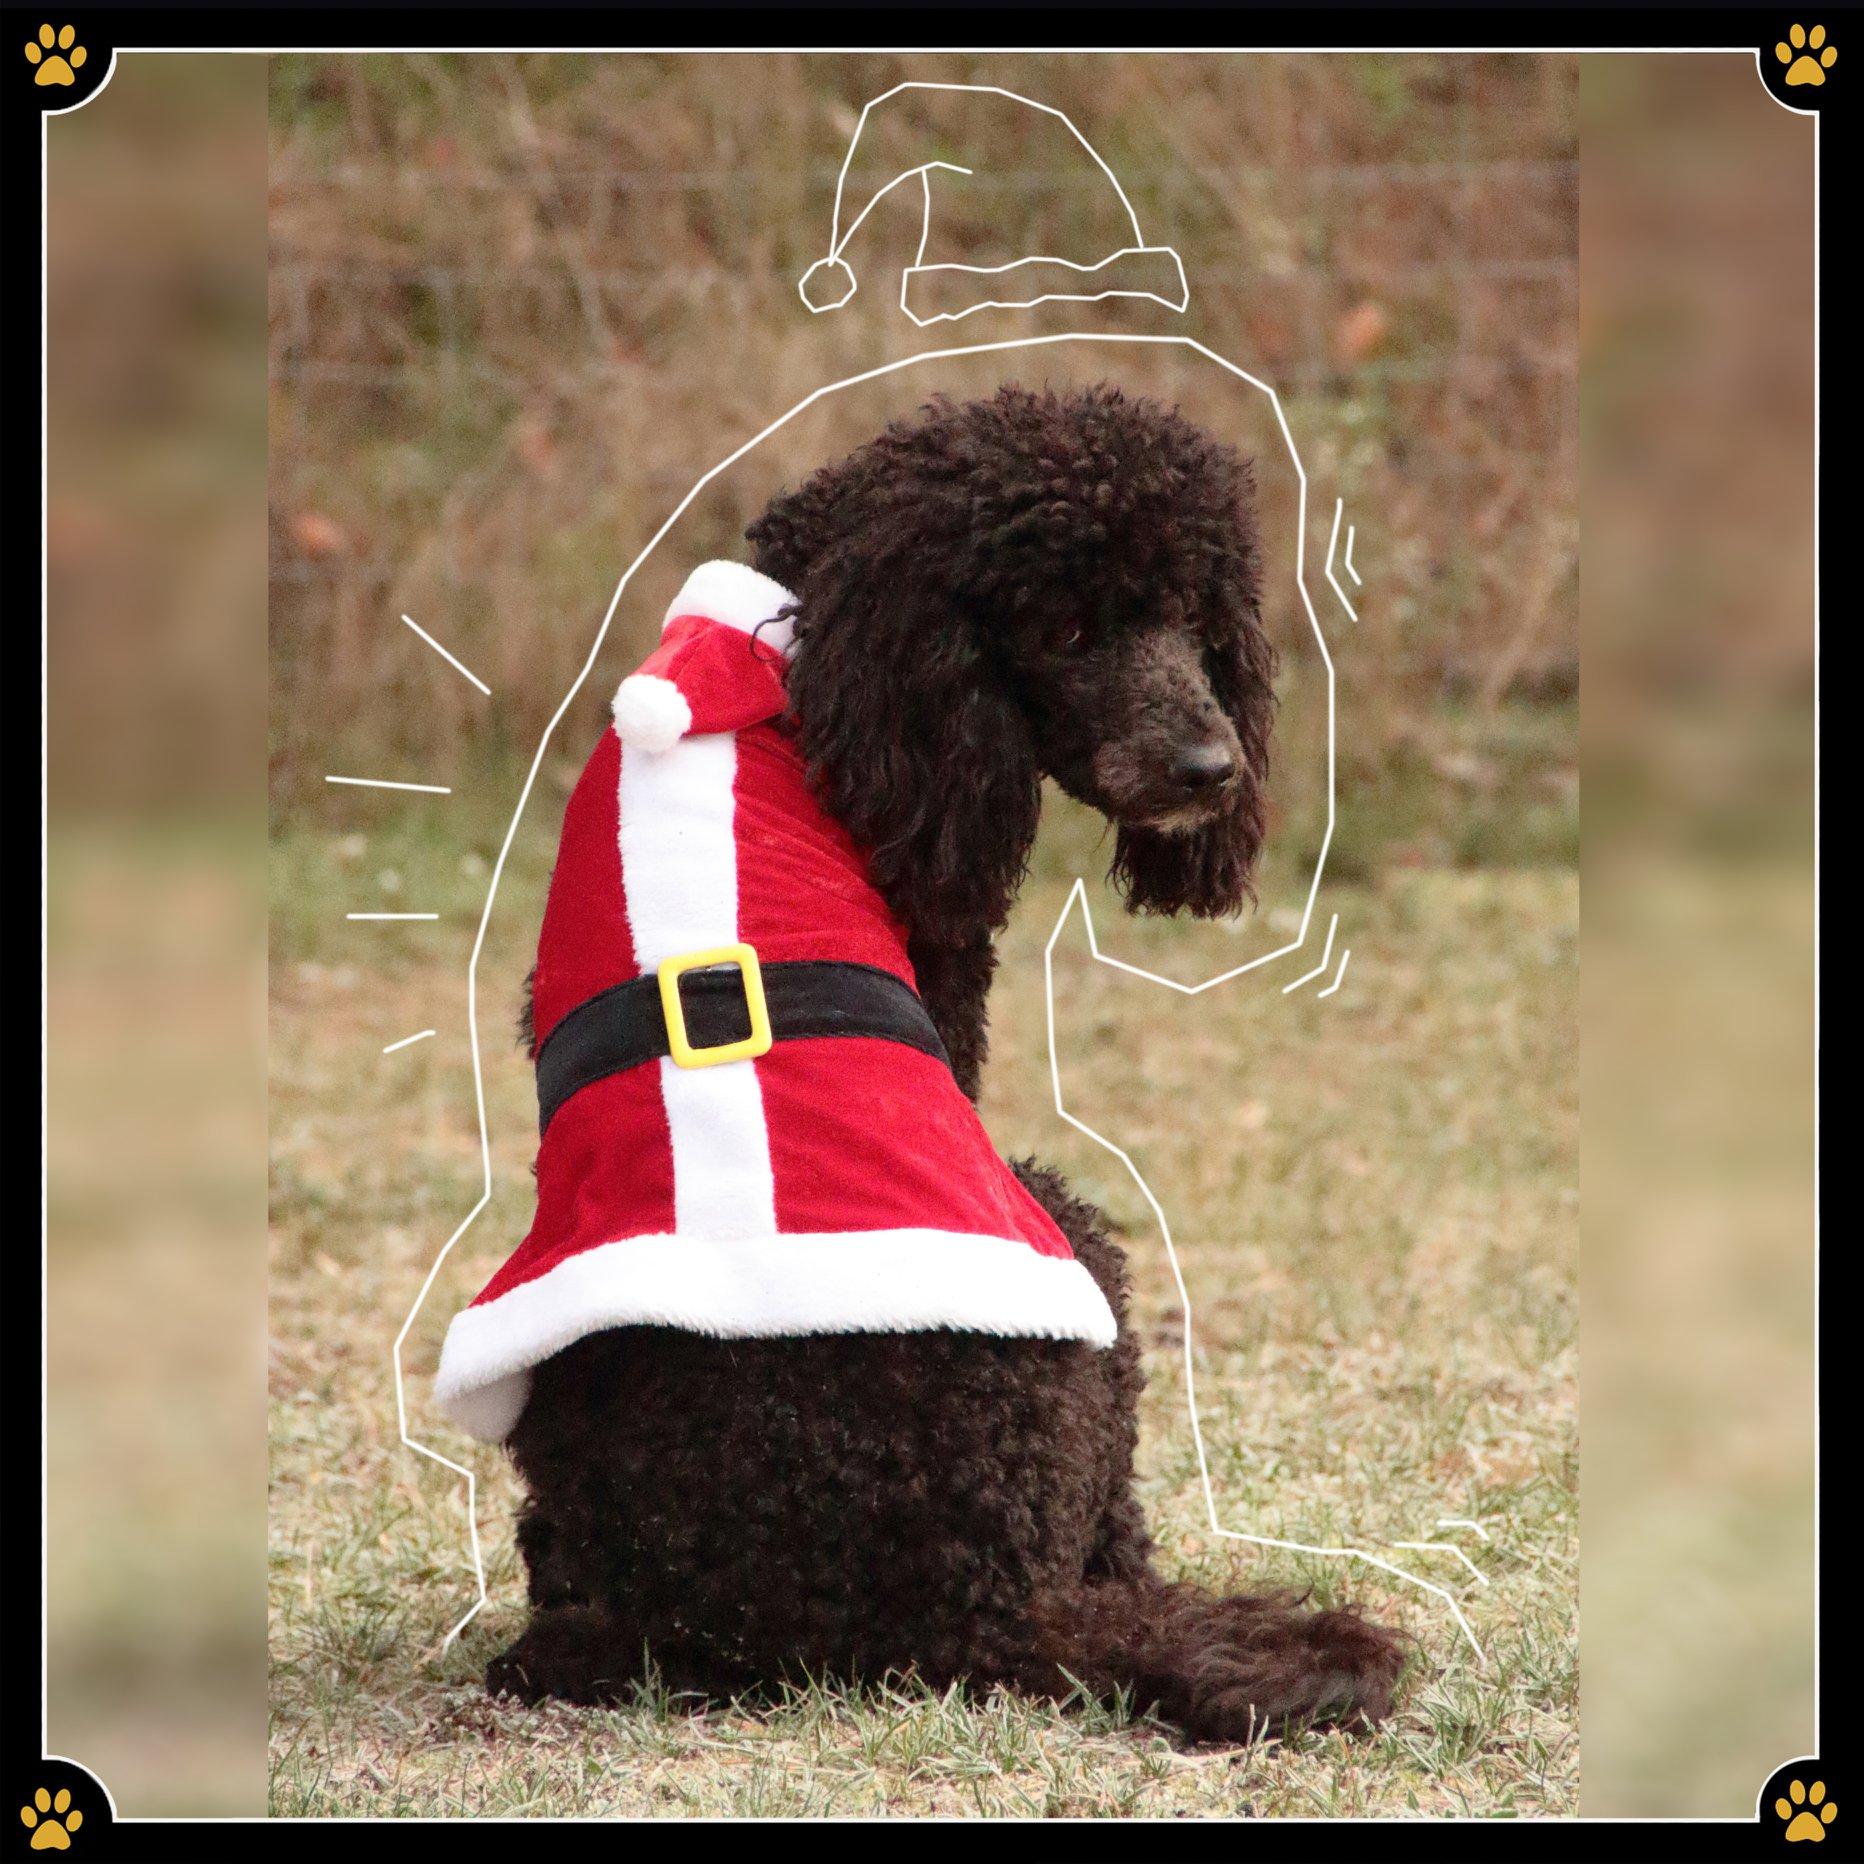 """10. Dezember - """"Ach, wie süß! Schau dir an wie süß du bist, mein kleiner Liebling!"""" sagt die Nachbarin zu ihrem Zwergpudel, der etwas hilflos durch den Garten humpelt.🐩 Dabei kann man sich nun wirklich darüber streiten, ob dieser Ganzkörperanzug, der den Hund wahrscheinlich in einen Hirsch verwandeln sollte, auch wirklich das erzielt was er eigentlich sollte.🦌 Abgesehen davon, dass die Körperhaltung des Pudels eher einem Häufchen Elend als einem majestätischen Hirsch ähnelt, ist dieses Kostüm auch nicht besonders tierfreundlich. Denn Tierkostüme sollten das Tier auf gar keinen Fall in seiner Bewegung einschränken. Manchmal ist weniger einfach mehr! Schon ein kleines Mäntelchen oder eine dezente Kopfbedeckung genügen meist völlig, um dem Tier optisch einen weihnachtlichen Charakter zu verleihen – mal ganz abgesehen vom menschlichen Spaßfaktor. So wird Weihnachten auch für ihren Hund ein angenehmes Event.💛"""